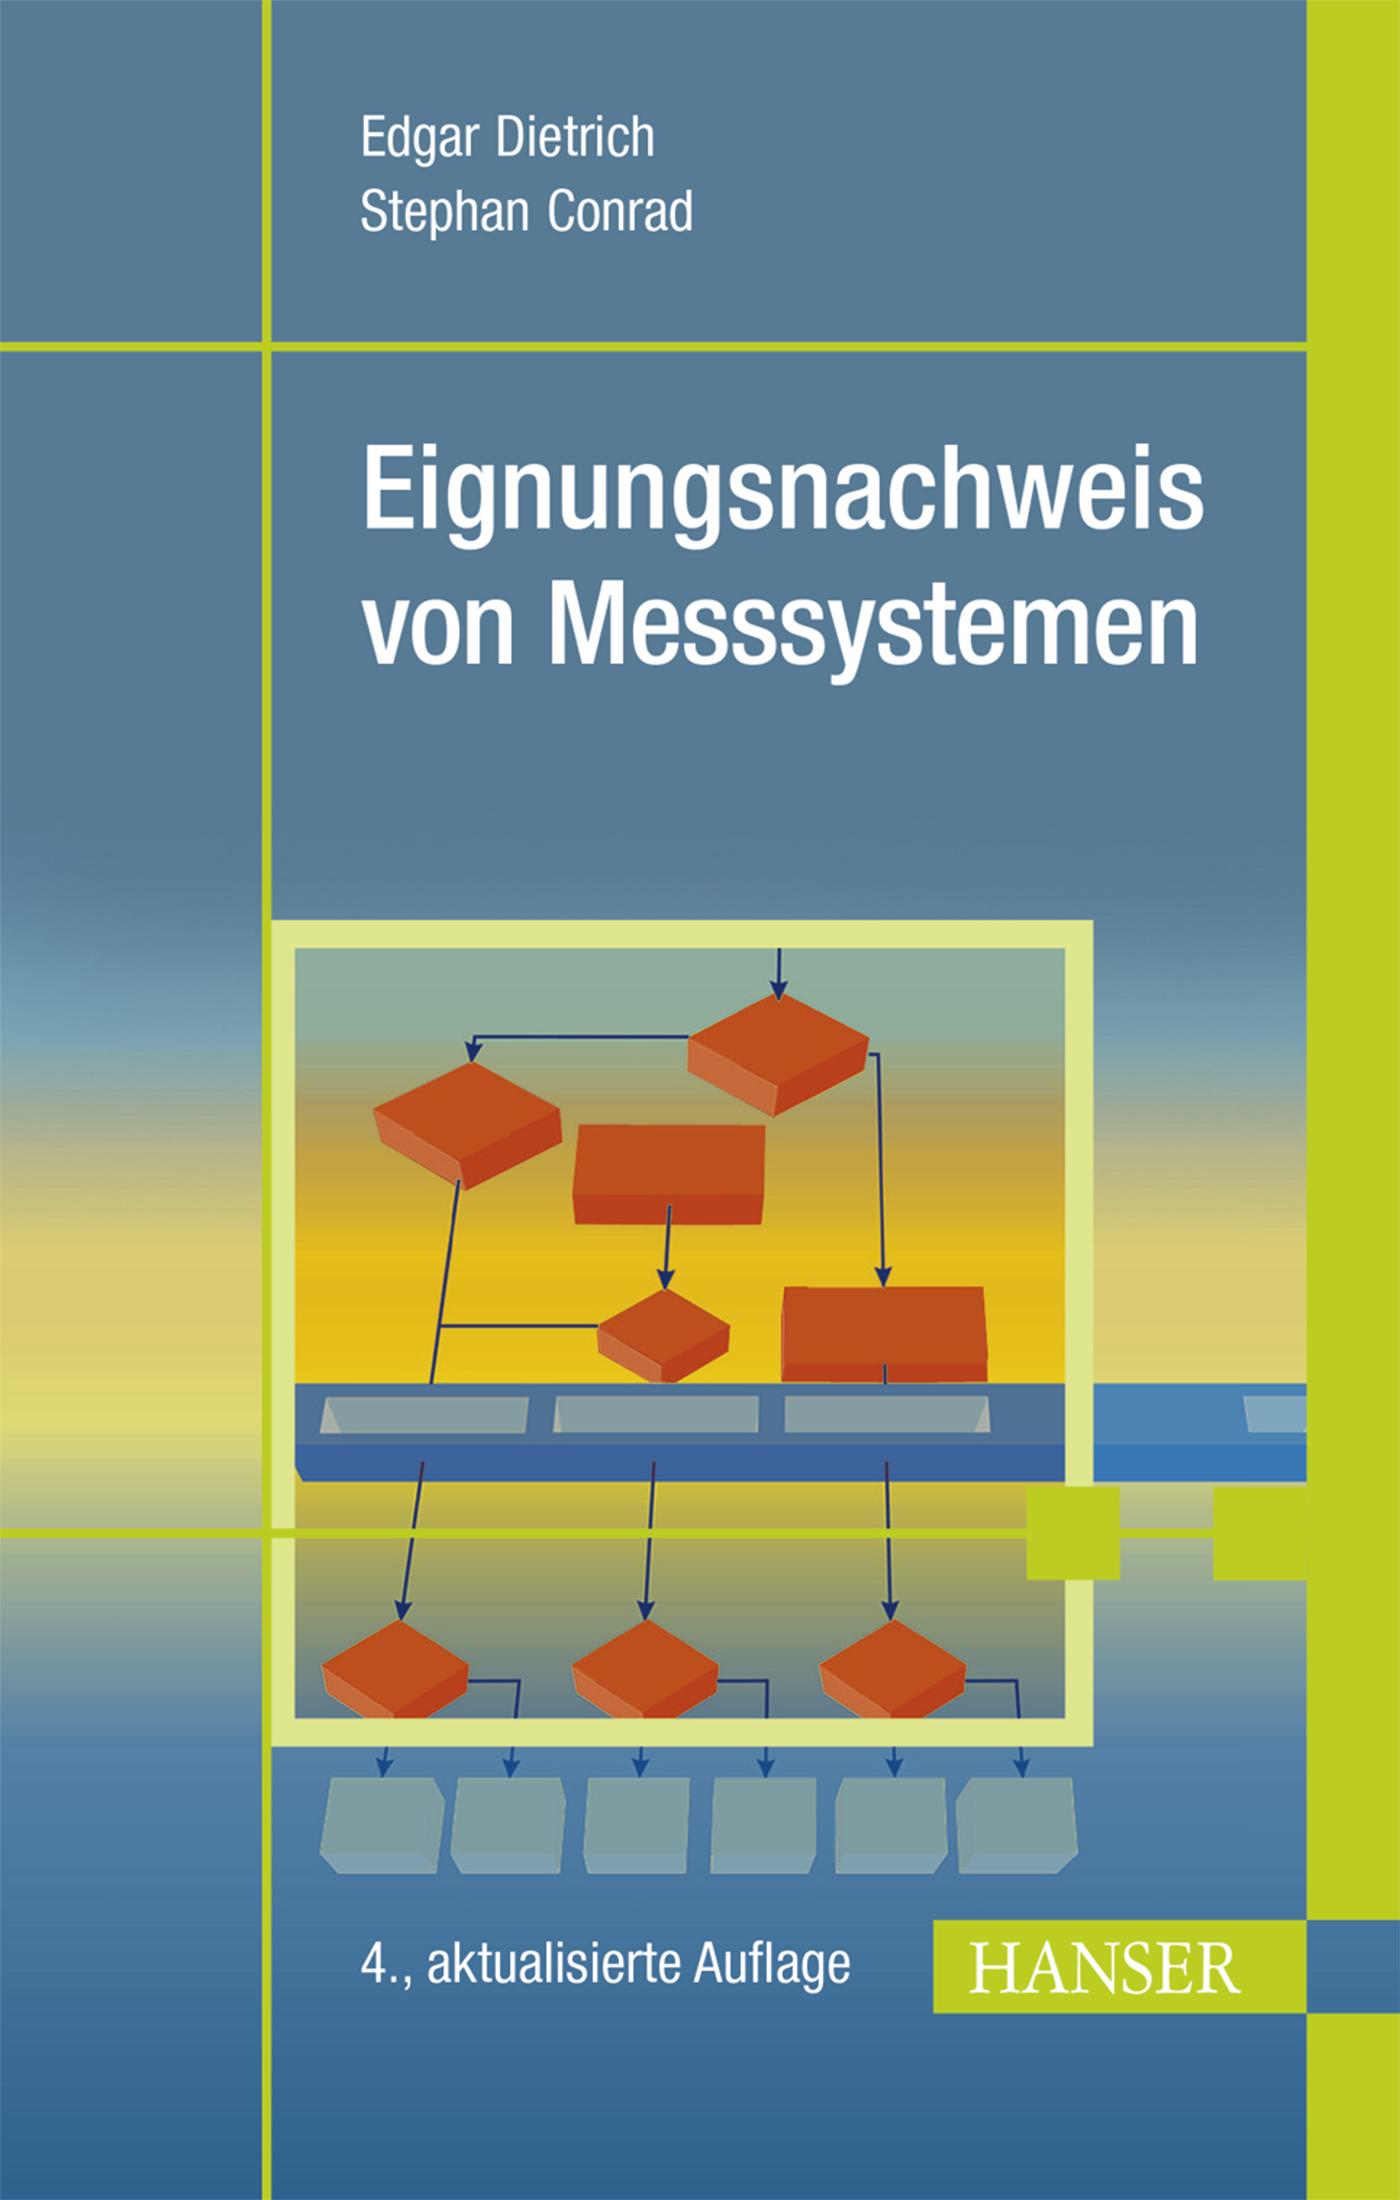 Dietrich, Conrad, Eignungsnachweis von Messsystemen, 978-3-446-44331-0